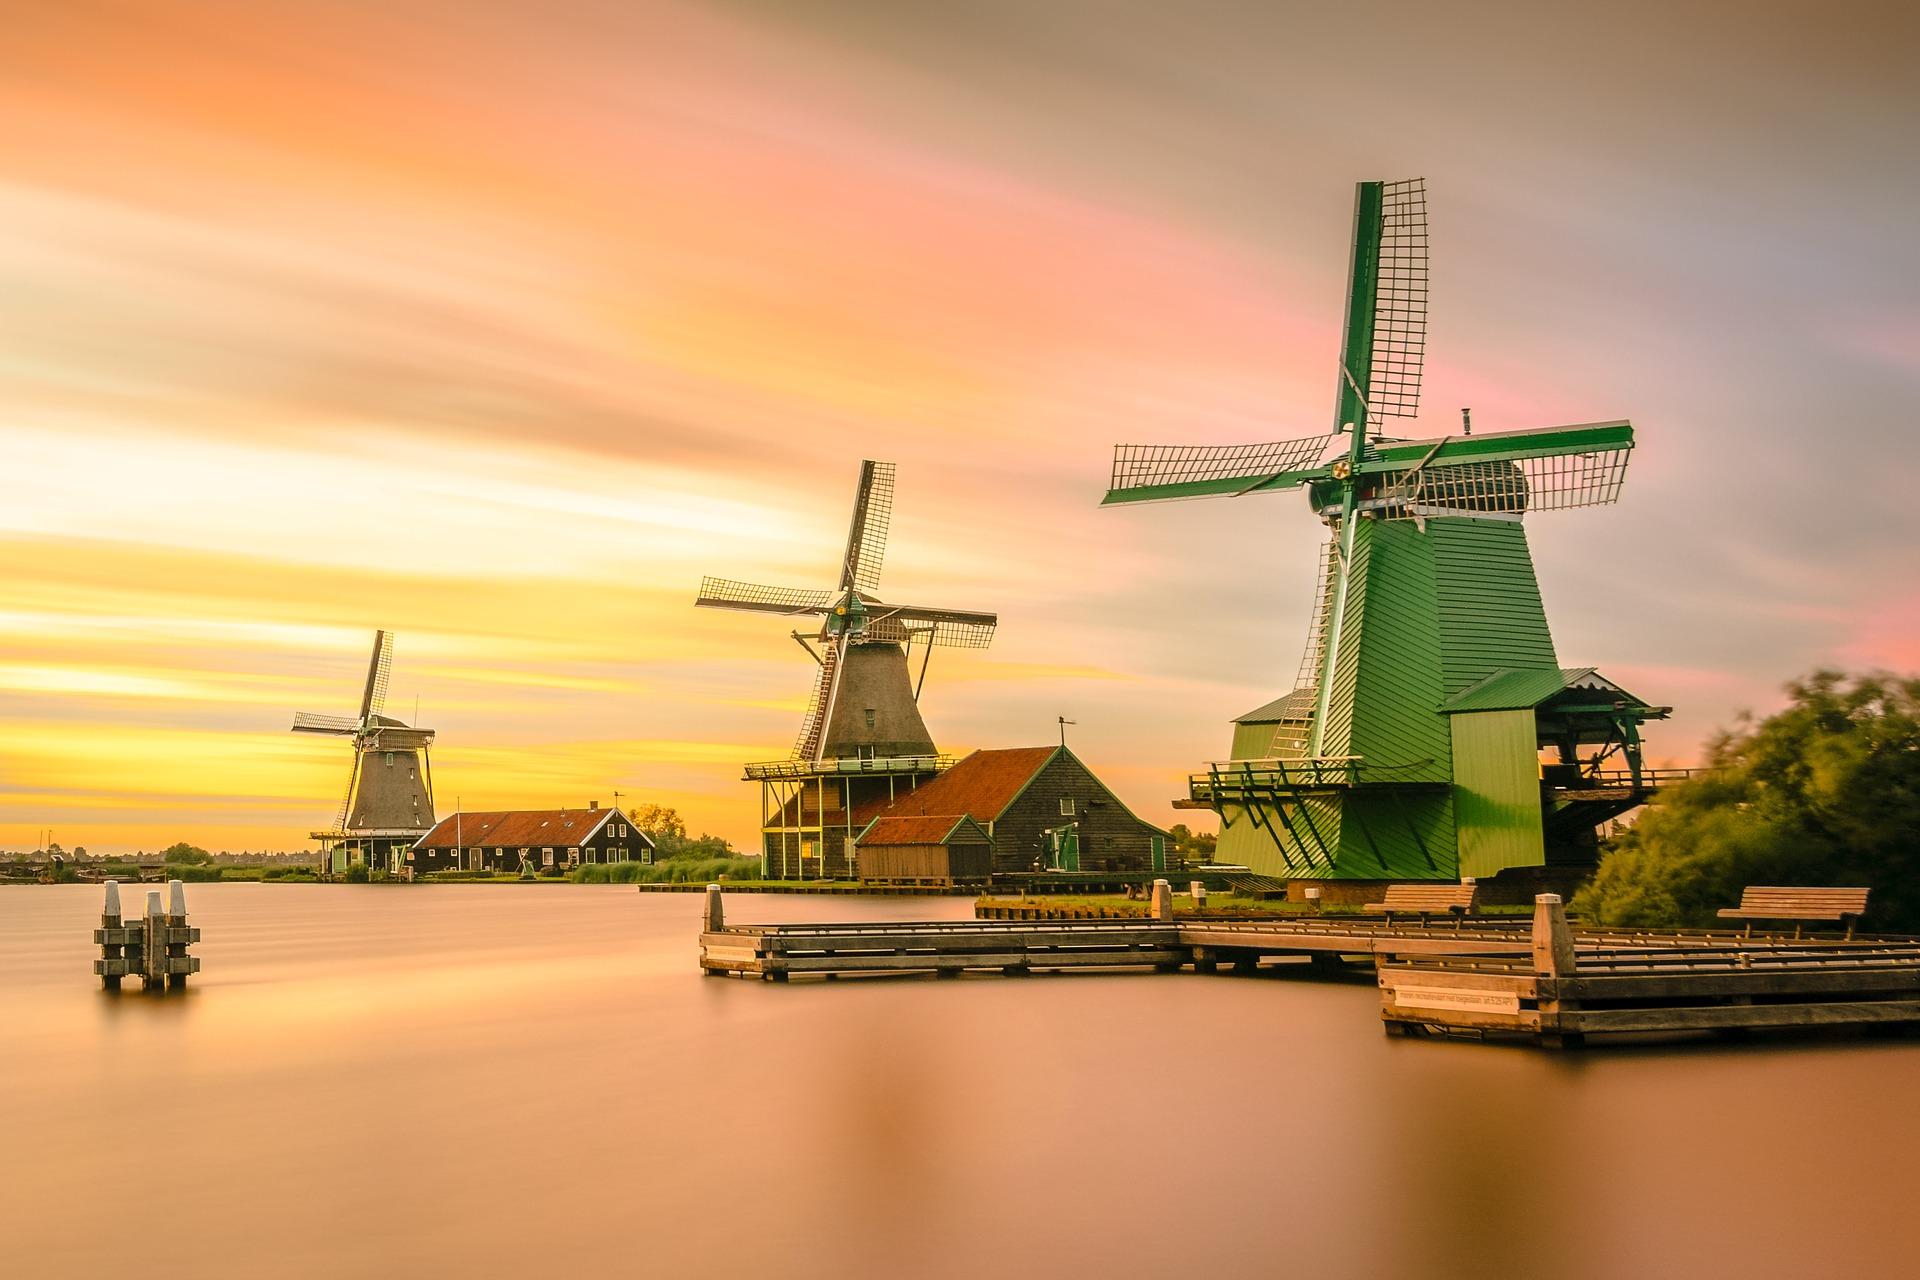 Windräder in Holland vor einem Sonnenuntergang